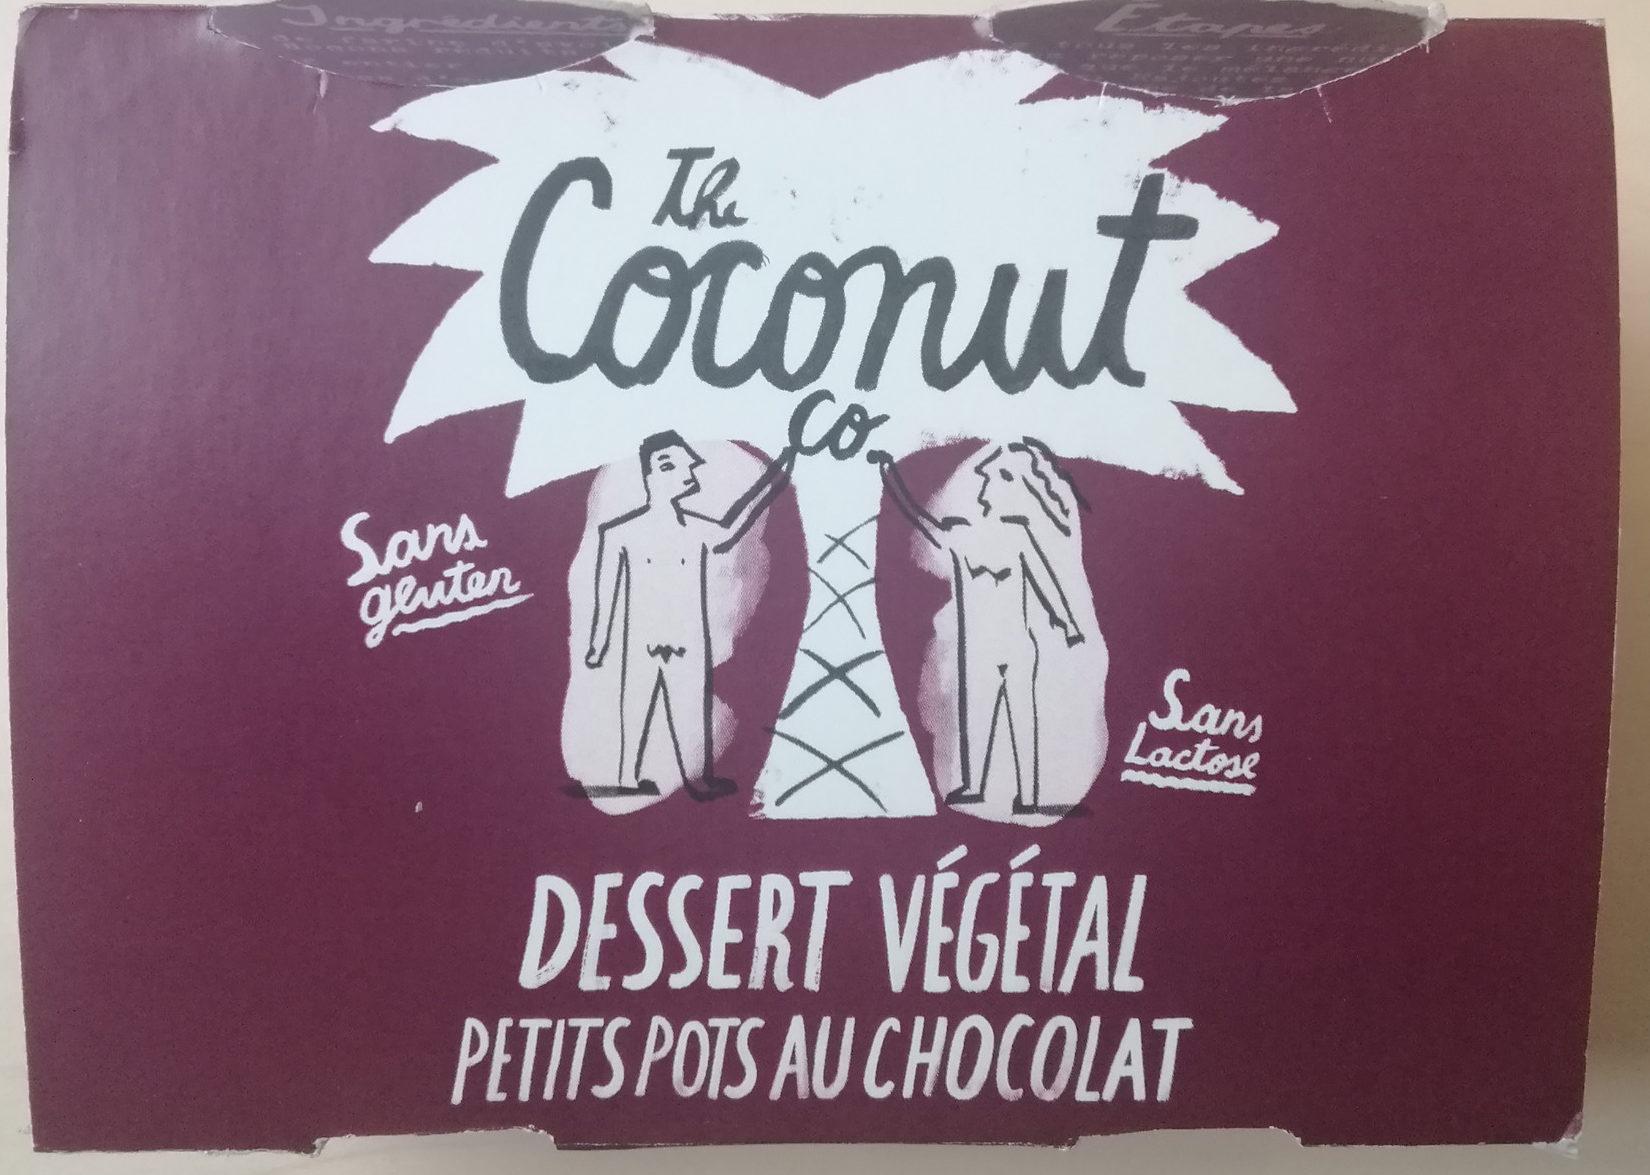 Dessert Végétal au Lait de coco au Chocolat - Product